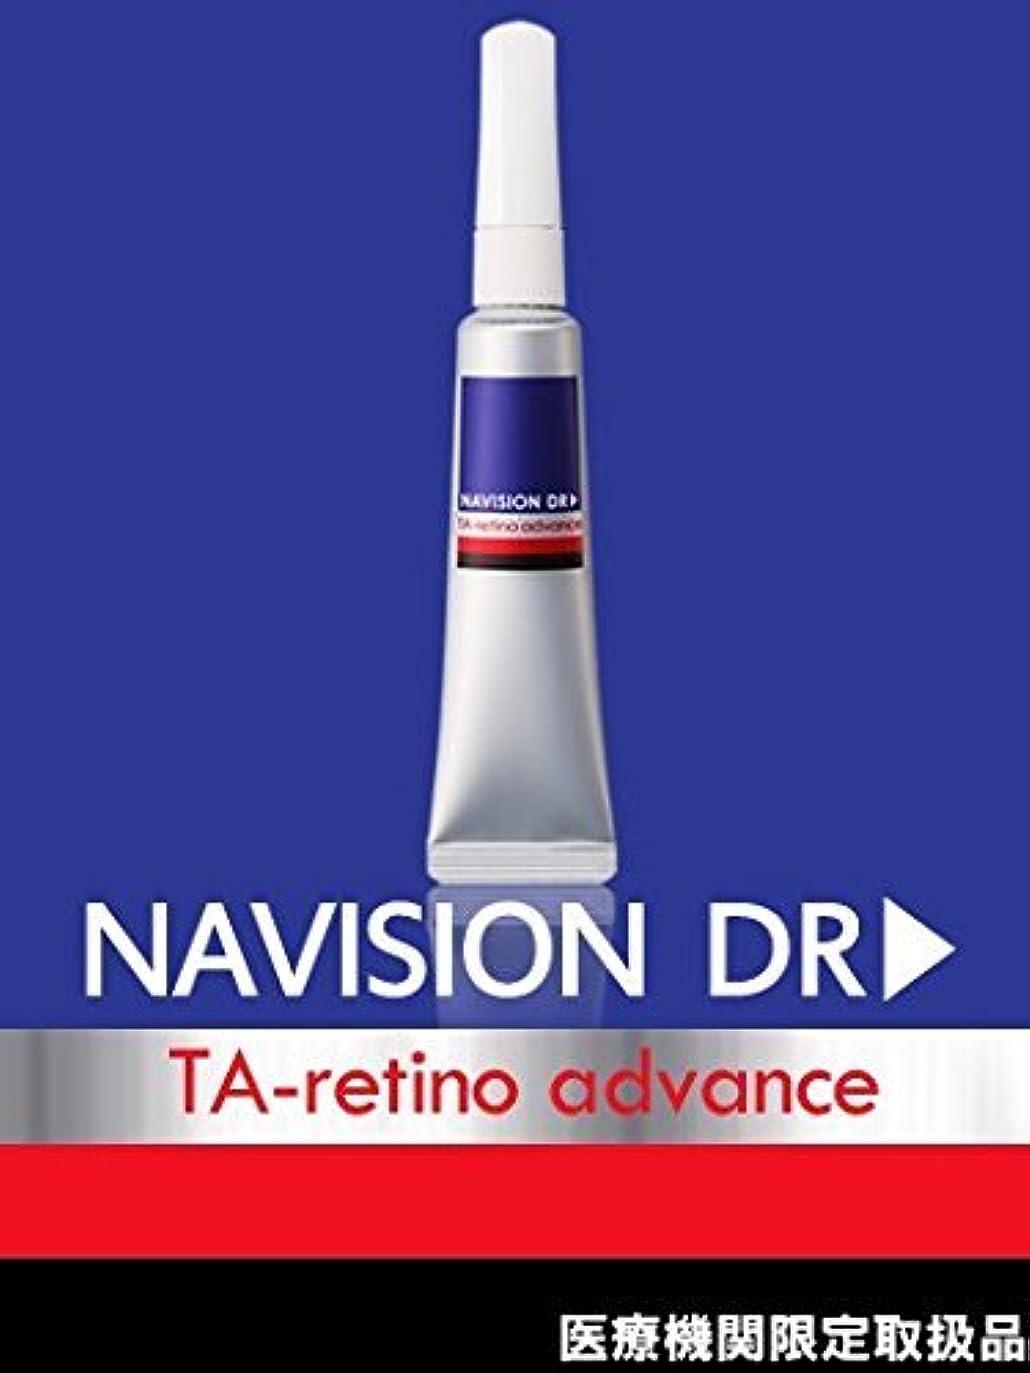 時代遅れはげ投資NAVISION DR? ナビジョンDR TAレチノアドバンス(医薬部外品) 15g 【医療機関限定取扱品】